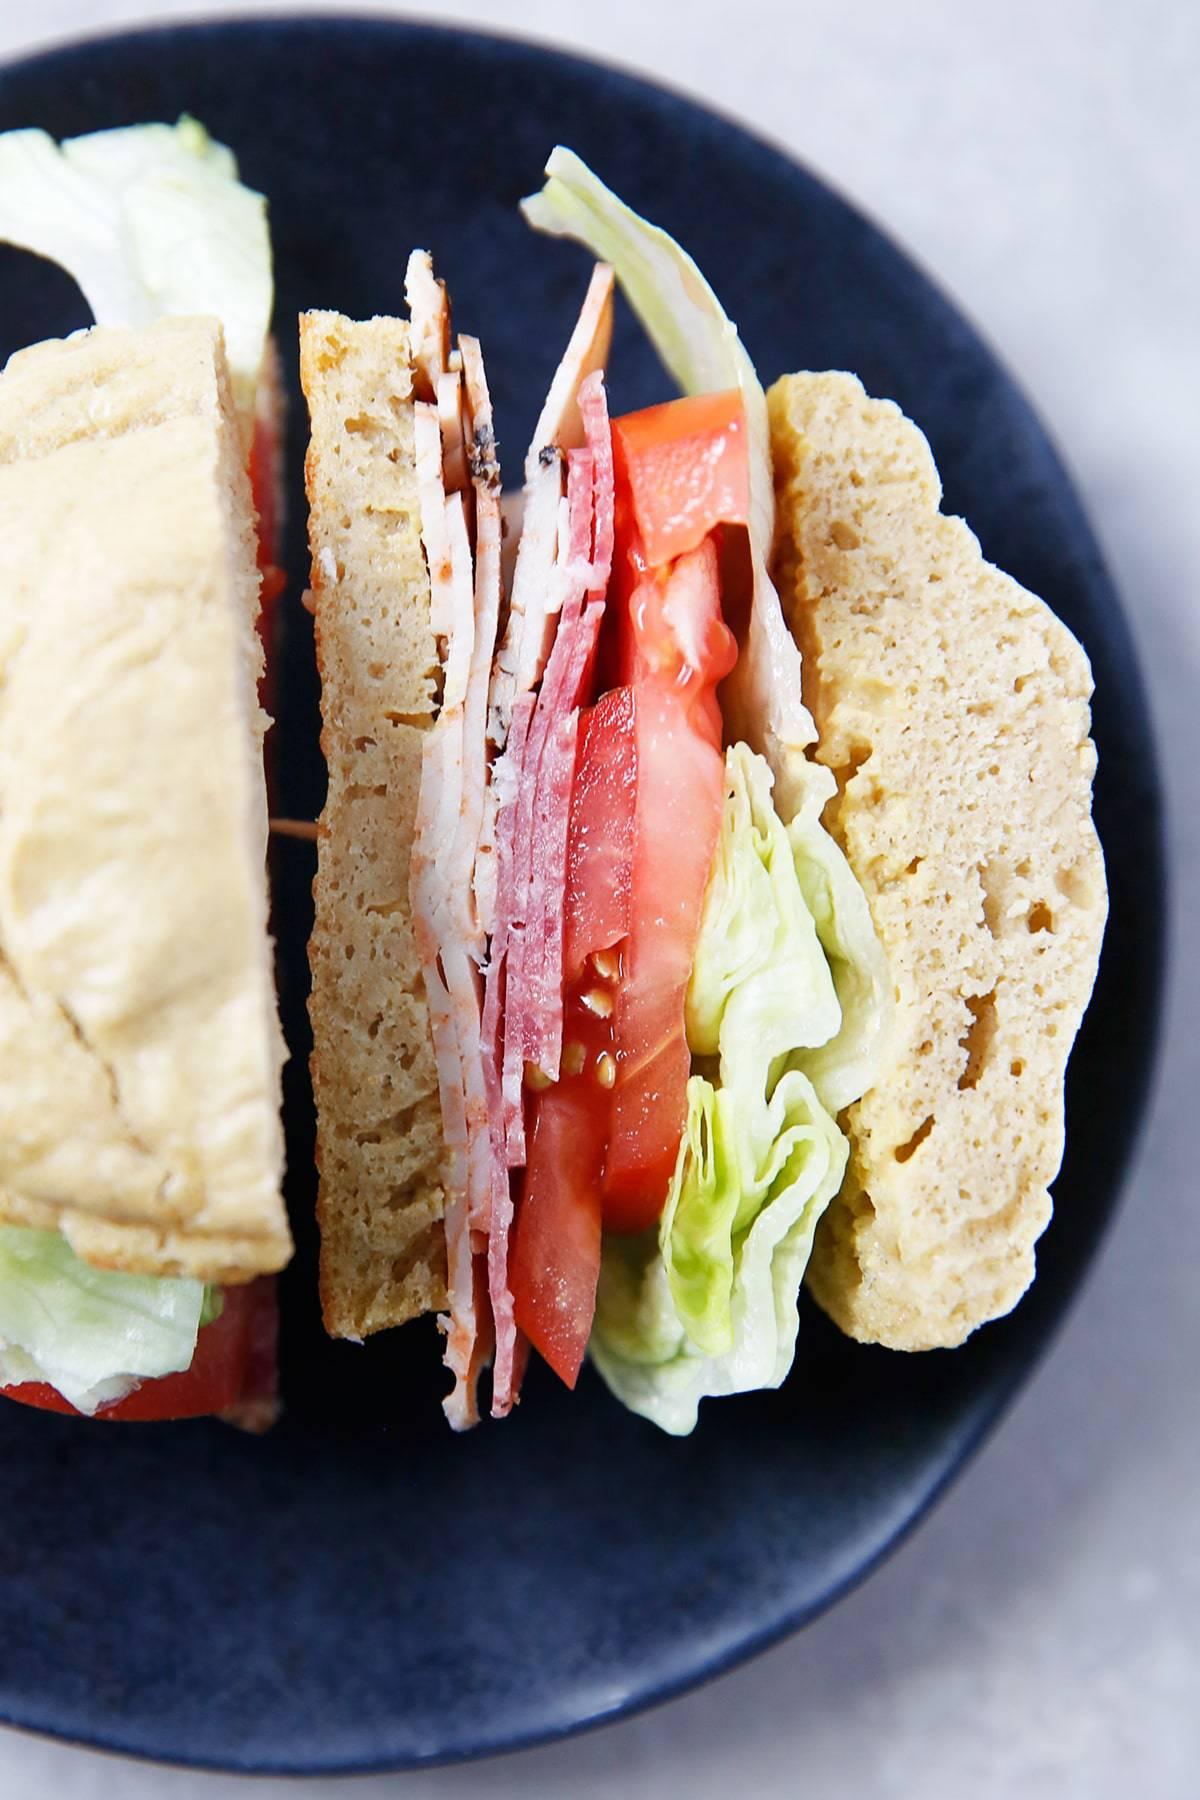 gluten free rolls as a sandwich